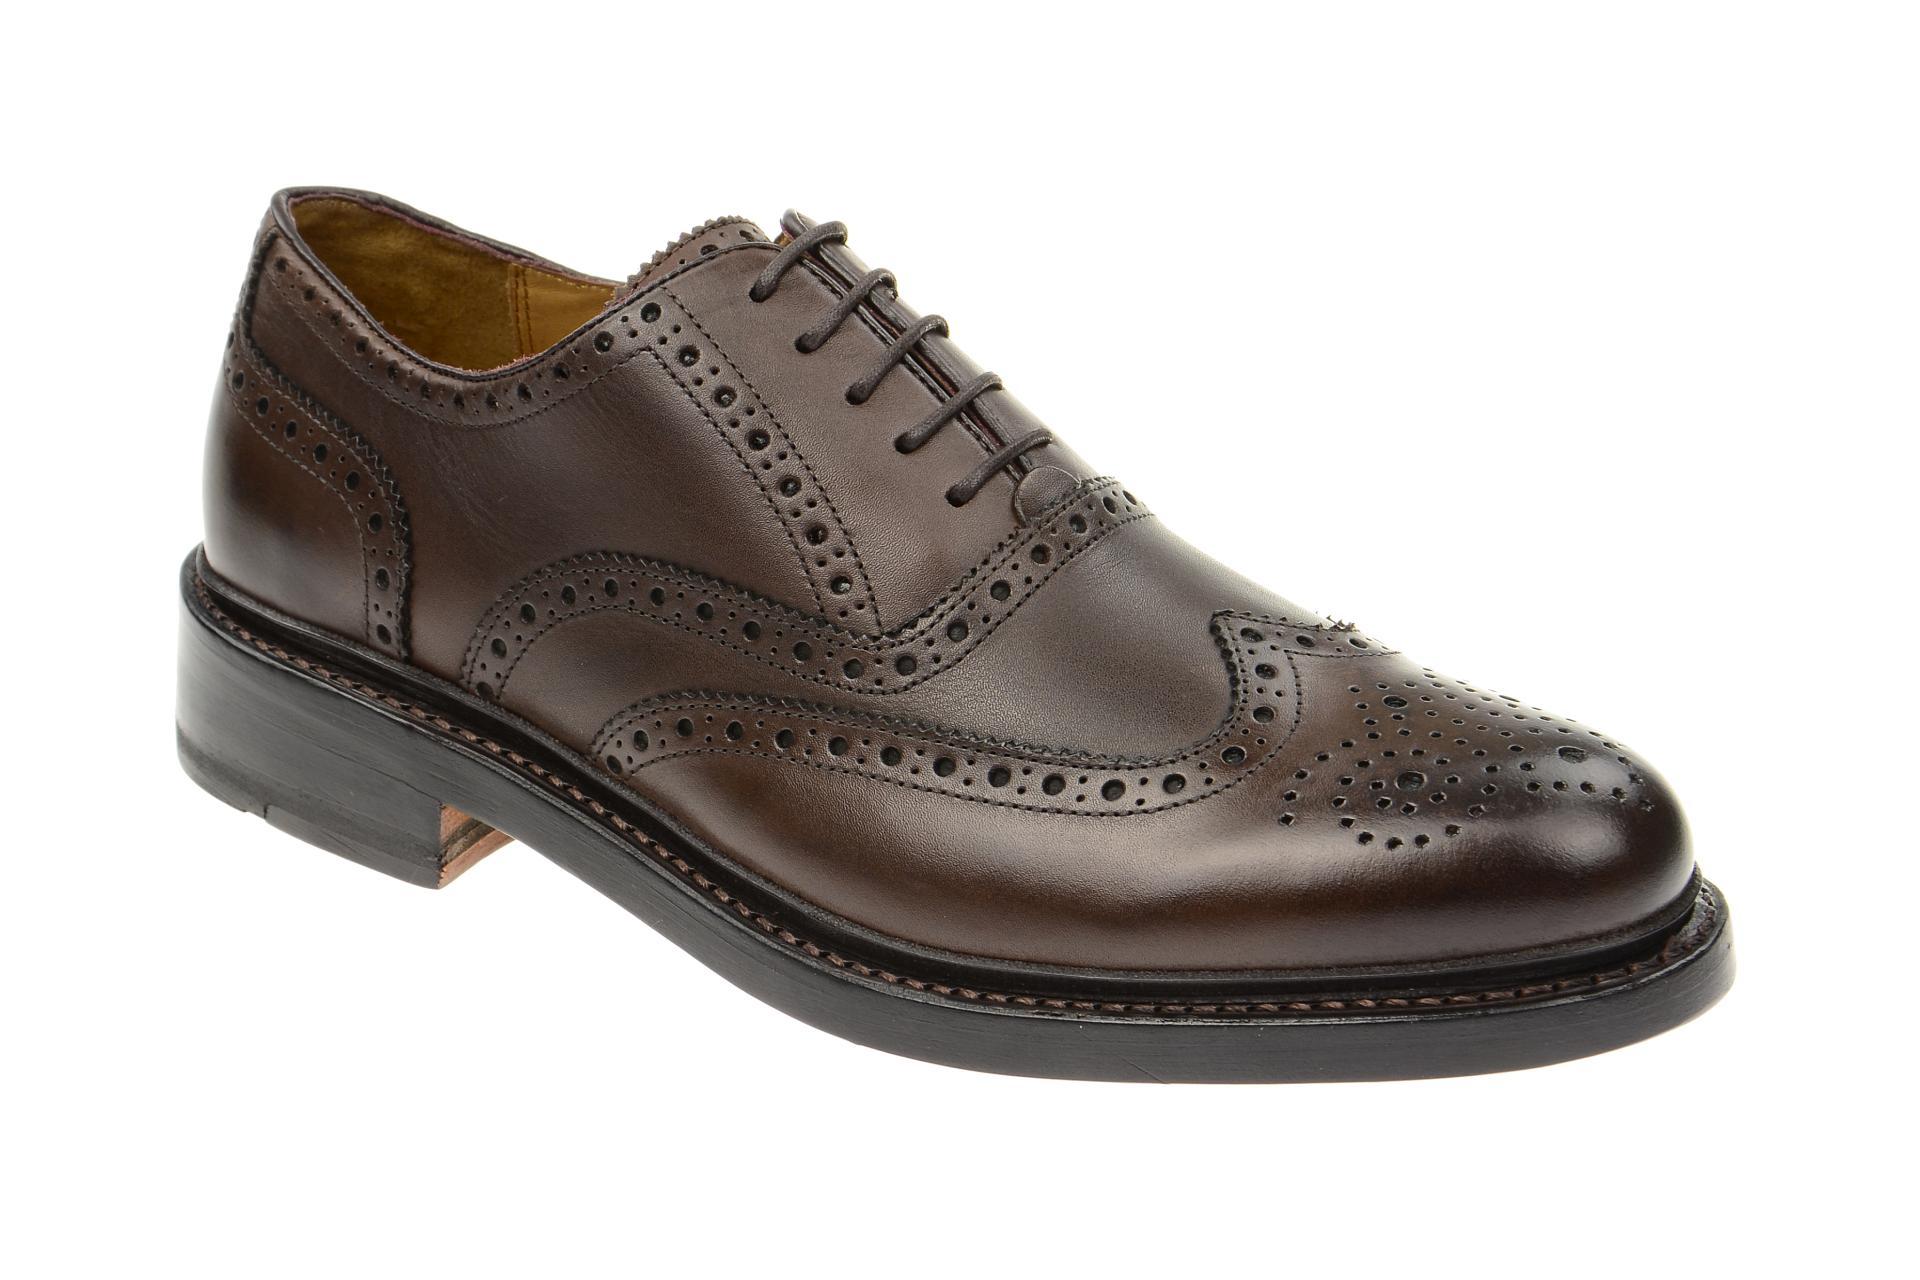 Gordon & Bros. Levet Schuhe 2506 braun rahmengenäht :: Braun - 40 - Männlich - Erwachsene